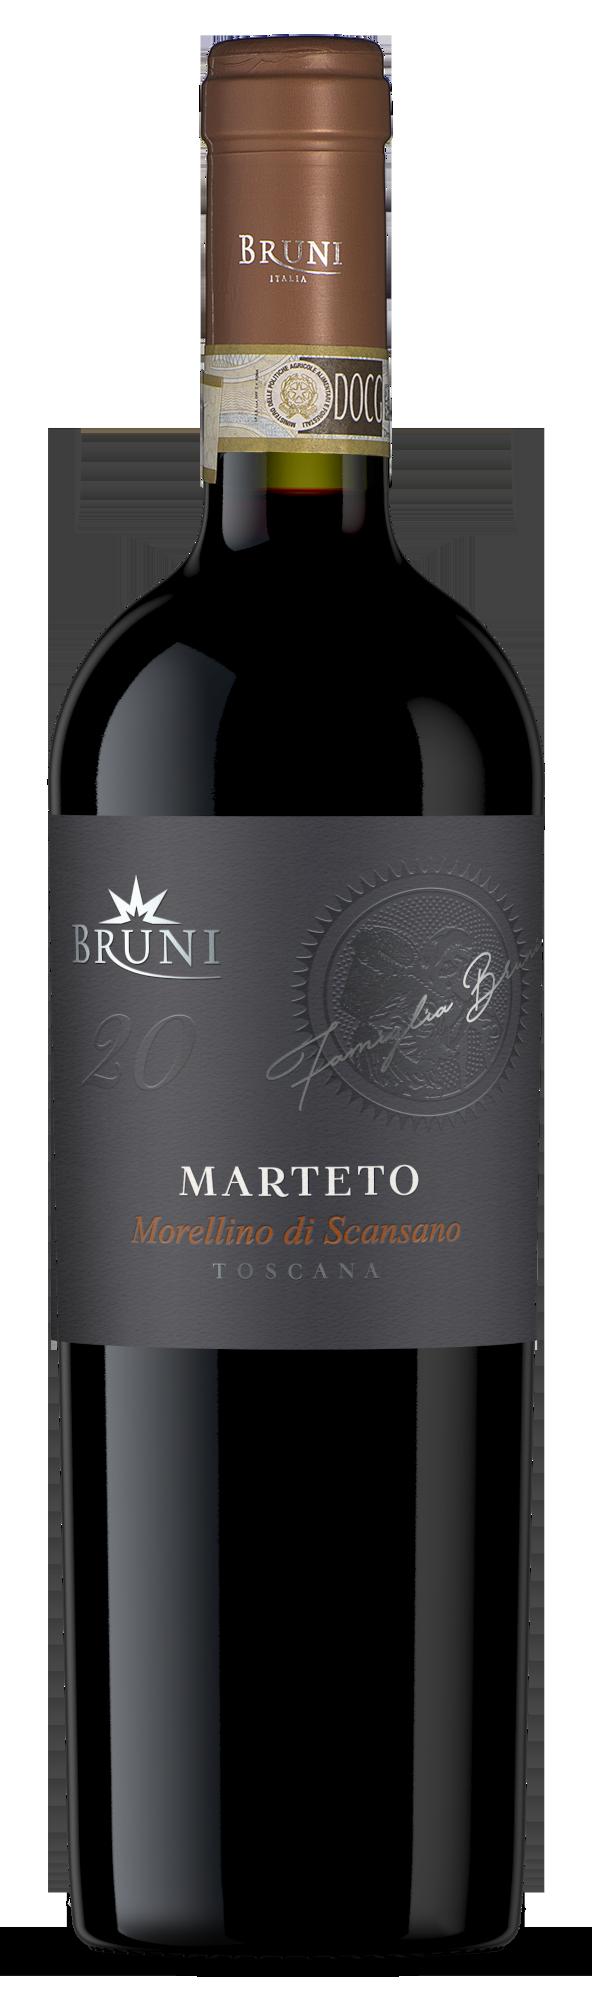 Cantine Bruni - Marteto